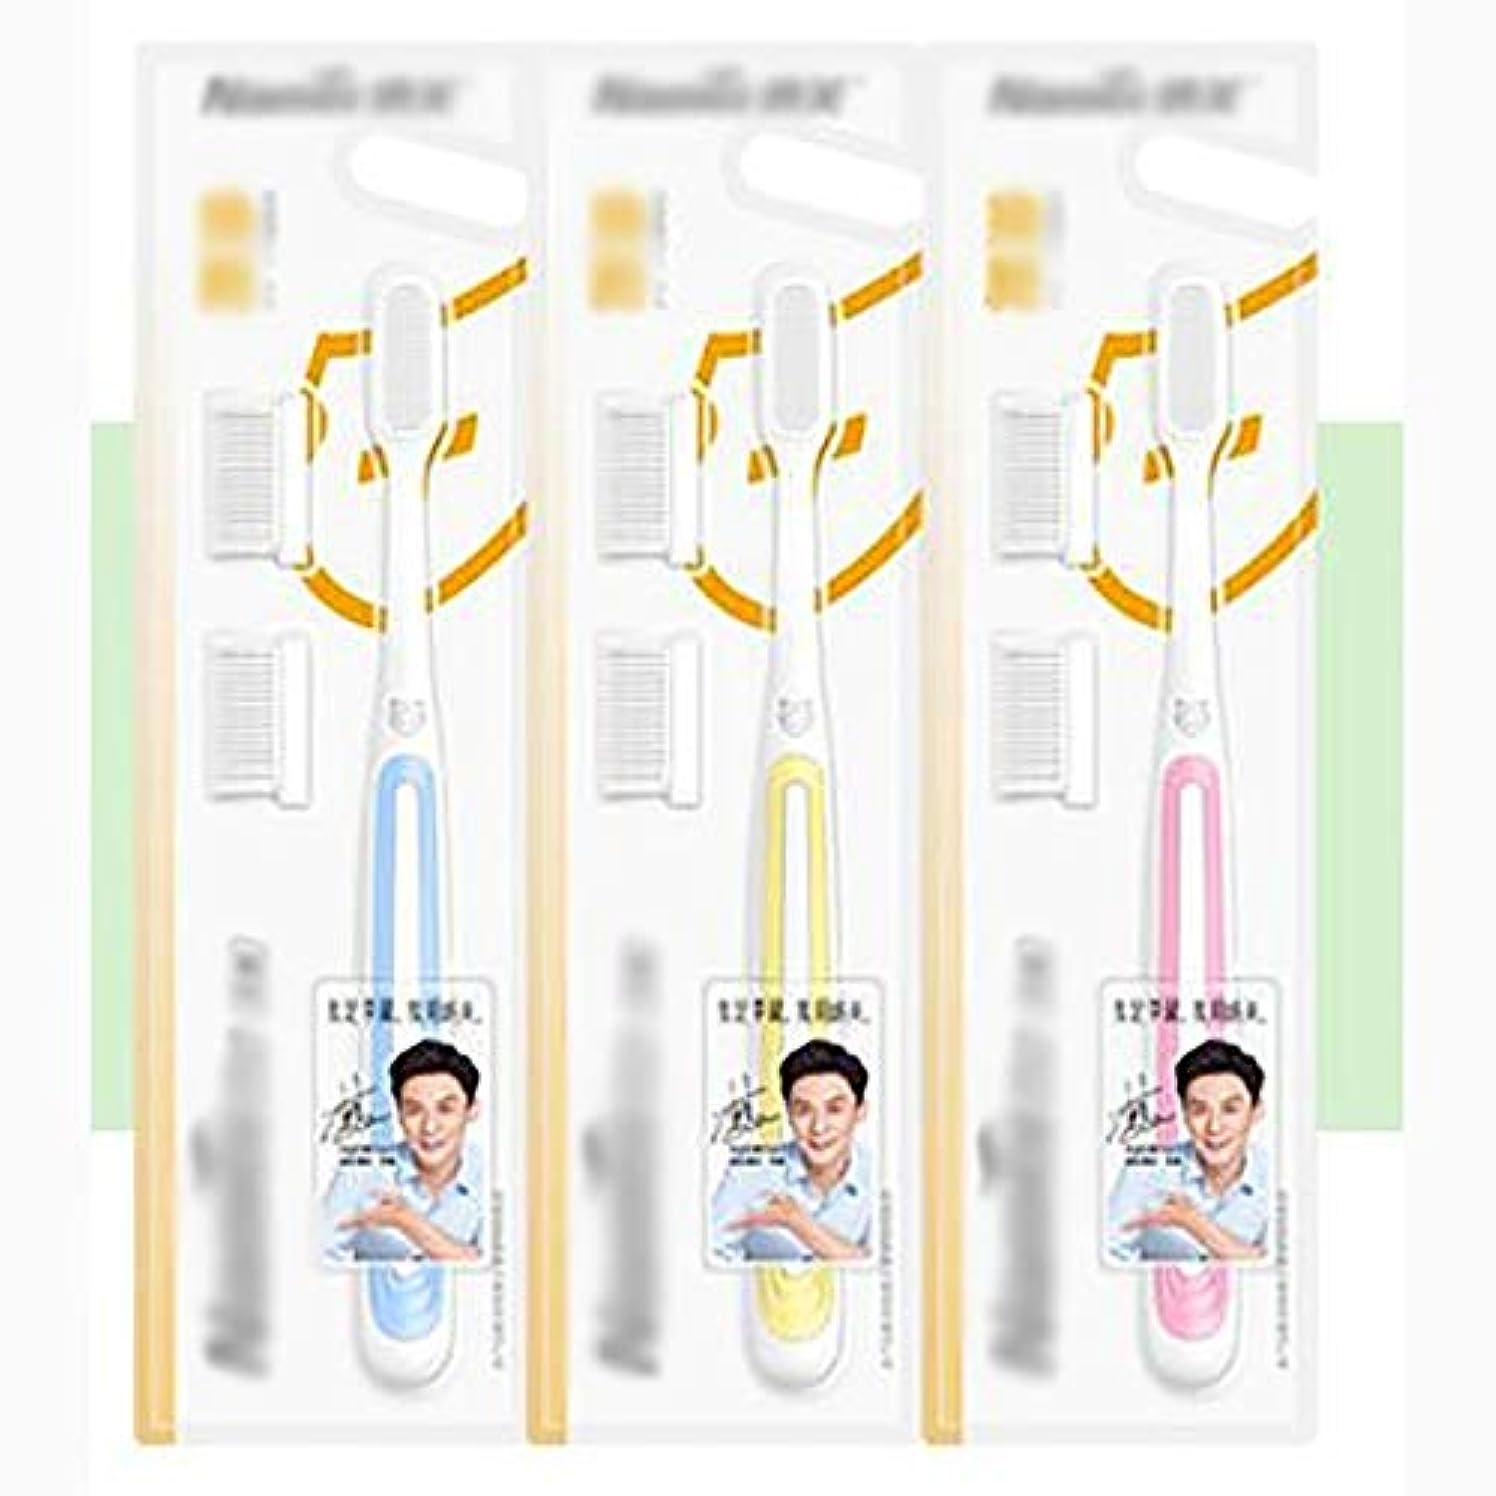 栄光の書く援助ナノナノソフト髪大人歯ブラシ、クリーン歯ブラシ家族旅行9パック